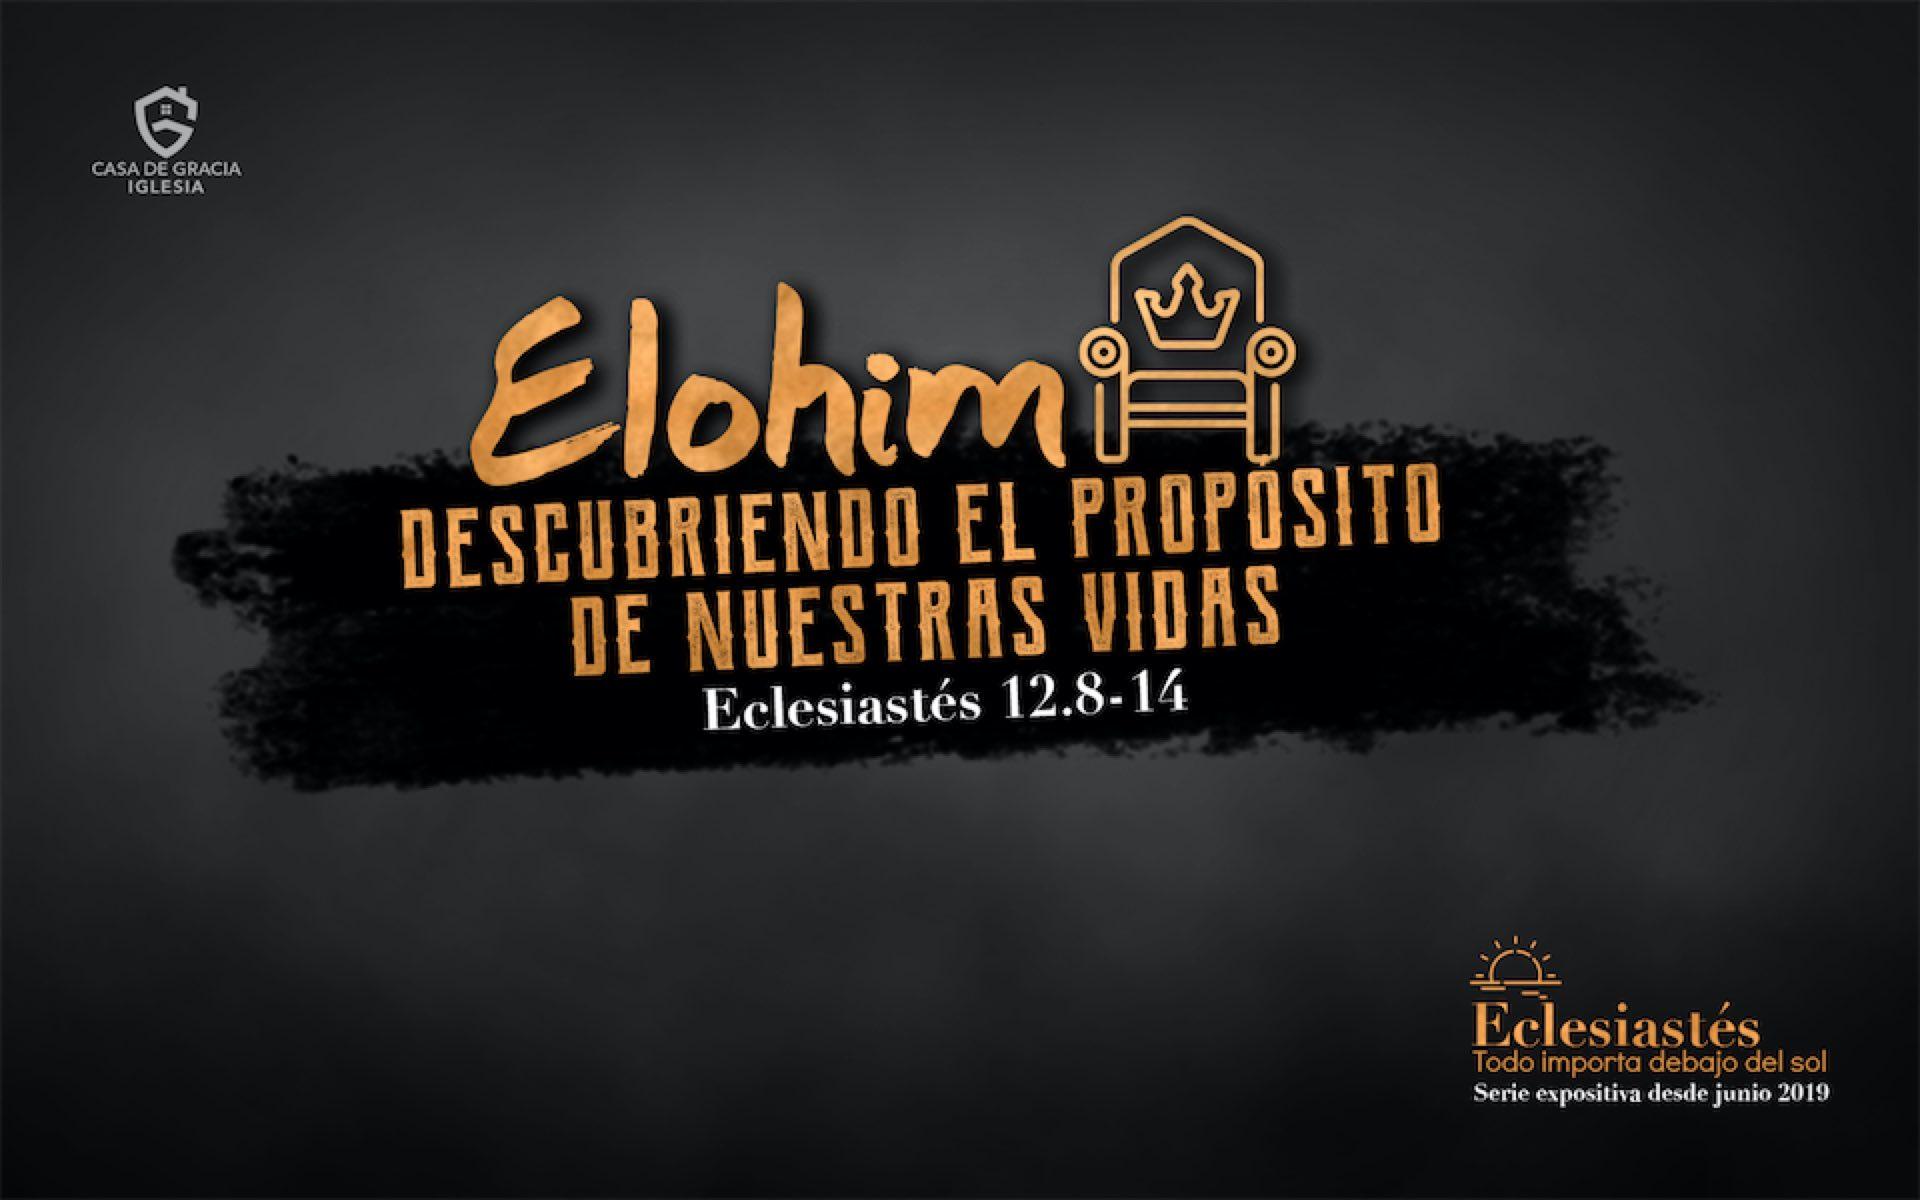 Elohim: Descubriendo el propósito de nuestras vidas - Iglesia Casa de Gracia